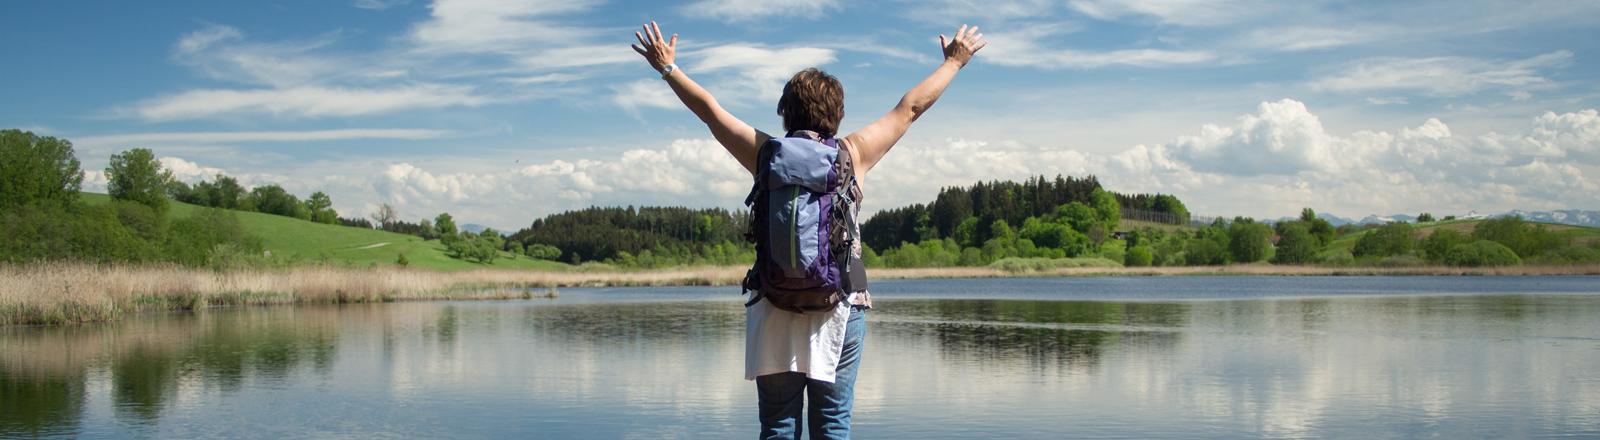 Eine Frau steht auf einem Steg an einem See und reckt die Arme in den blauen Himmel.